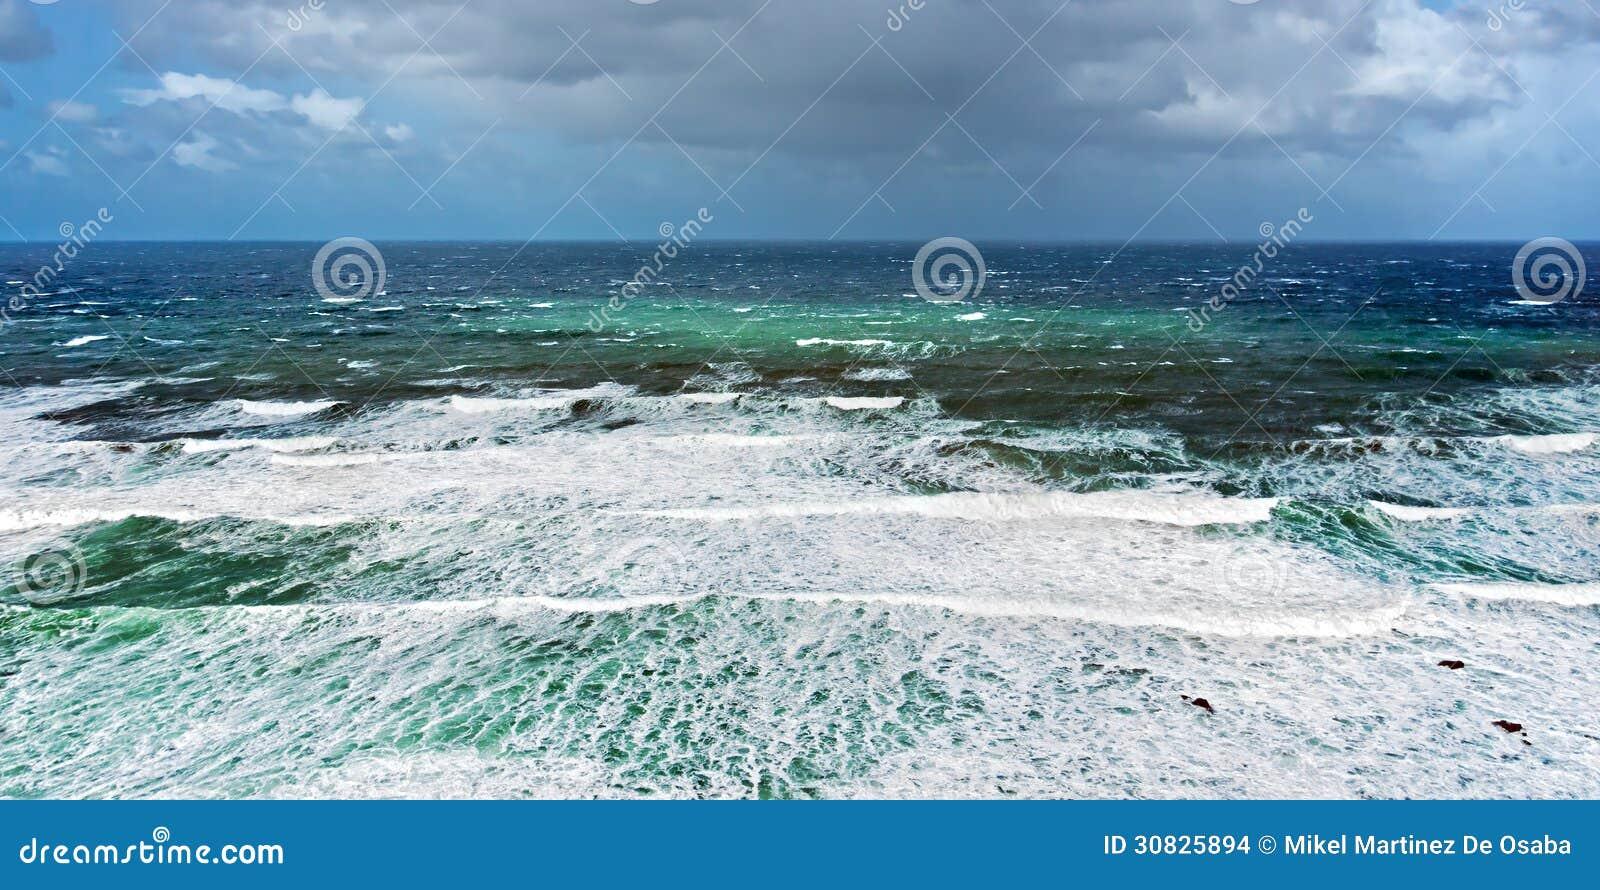 Mare agitato con tempo tempestoso